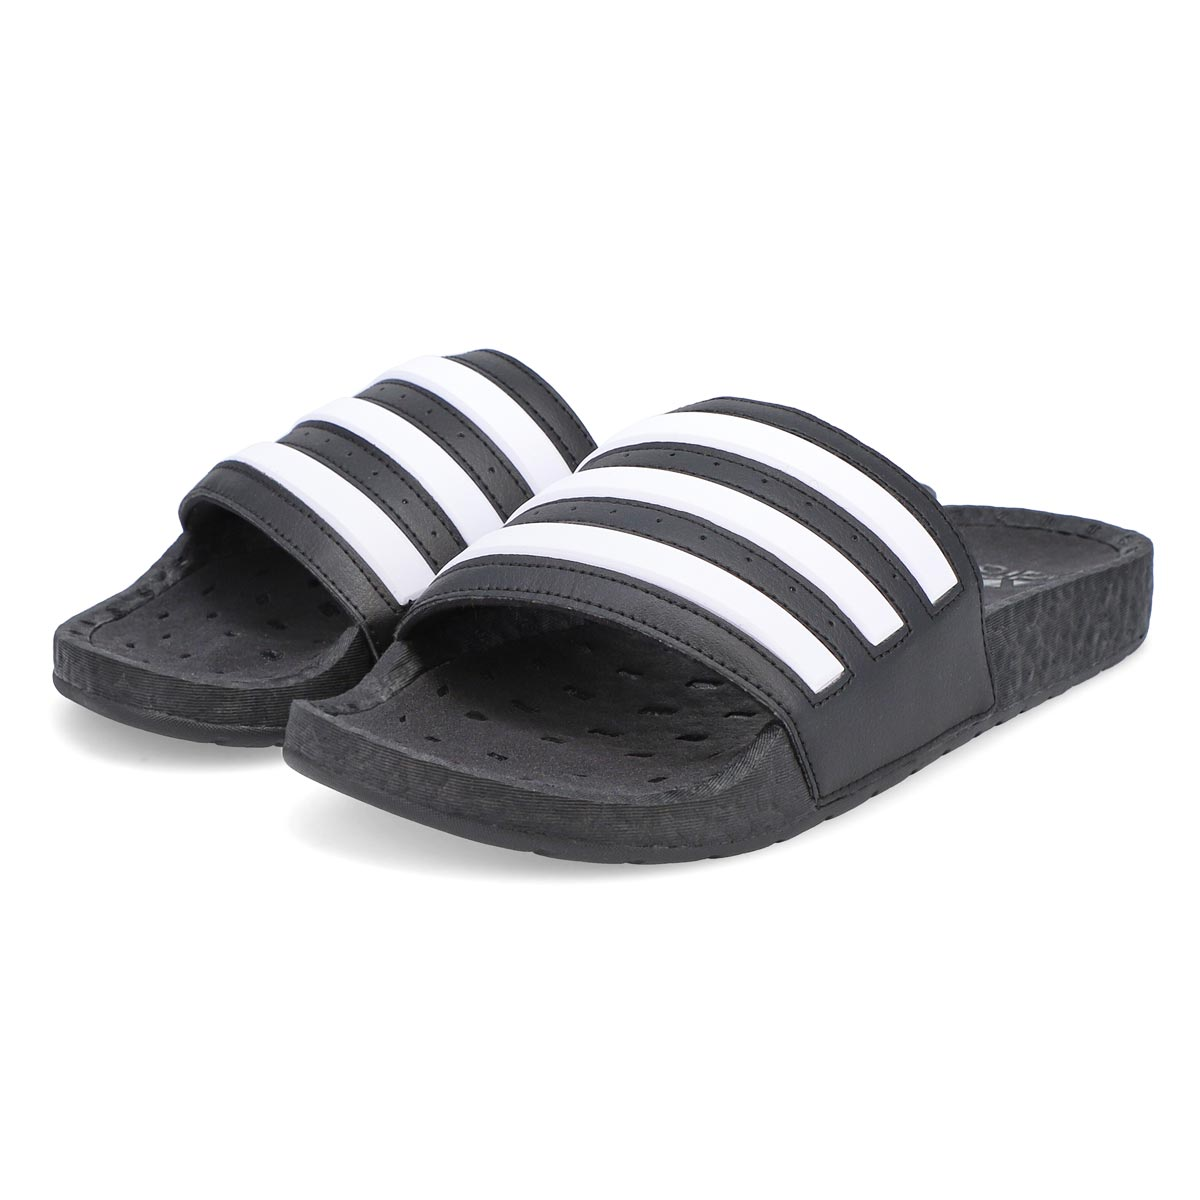 Men's Adilette Boost Slide - Black/White